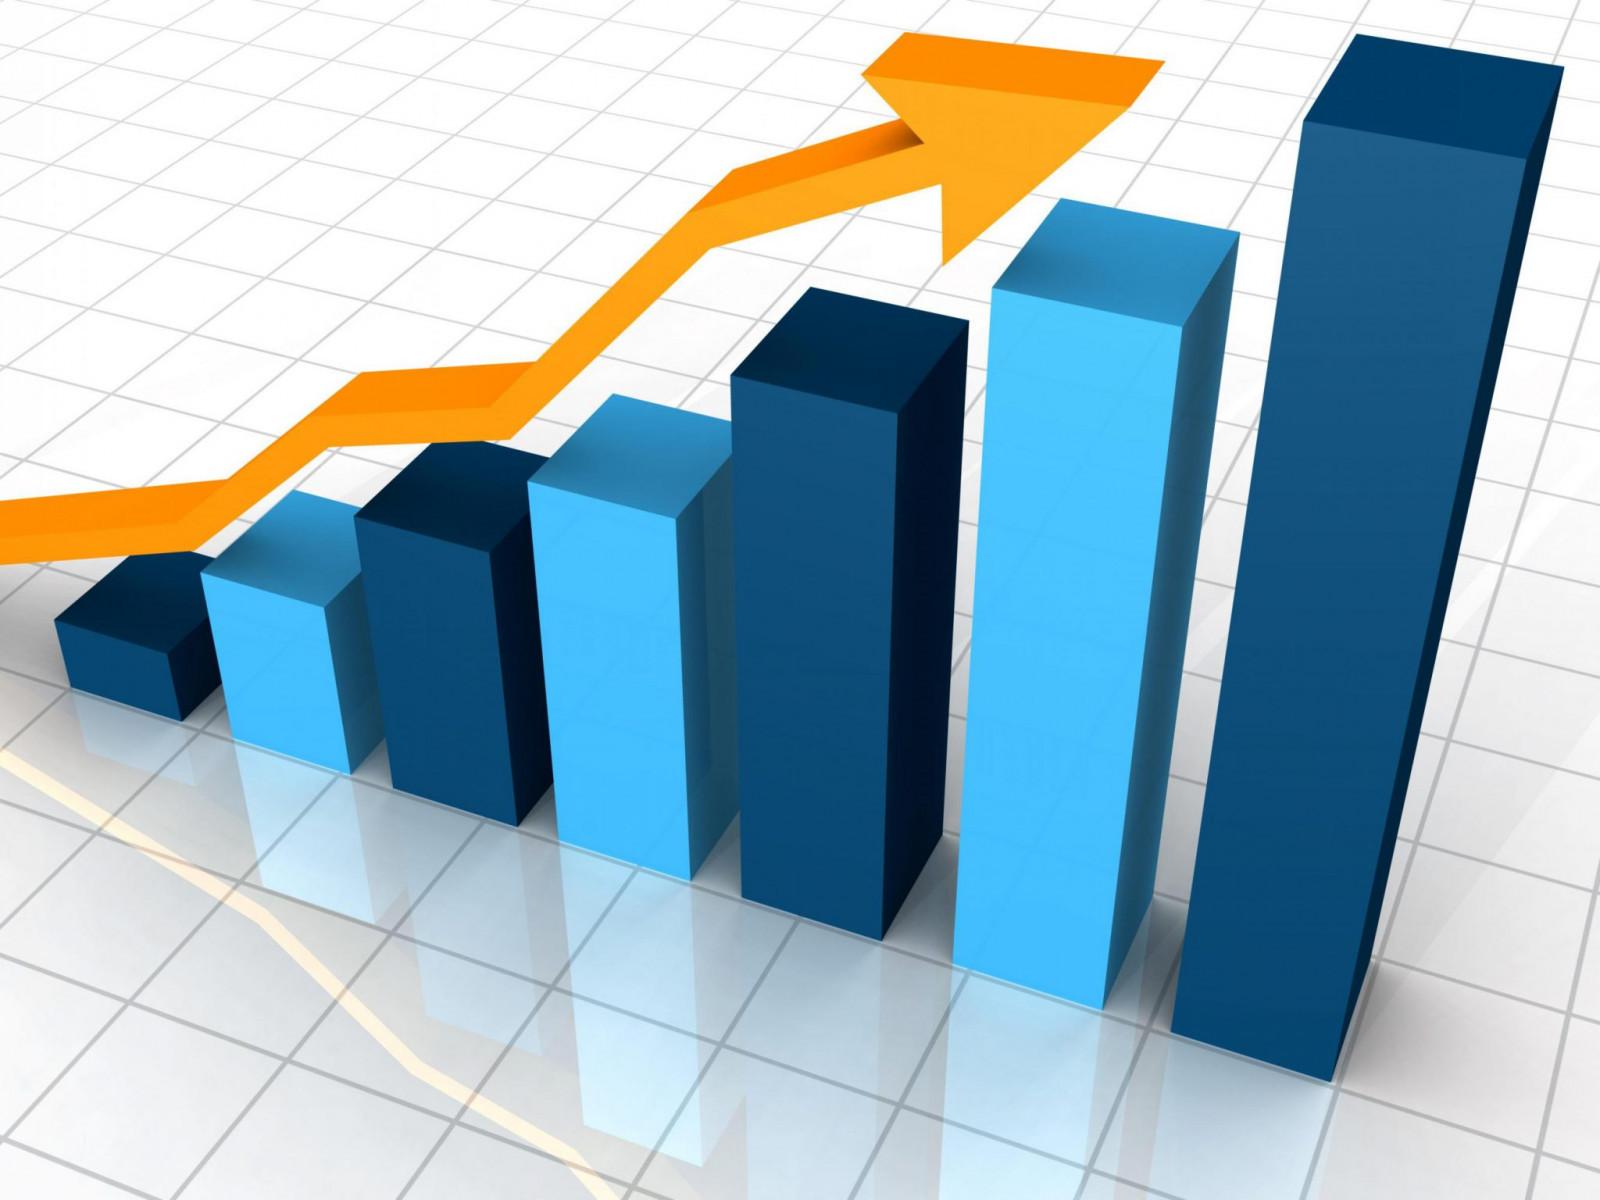 Тамбовщина поднялась в рейтинге информатизации регионов на 11 строк